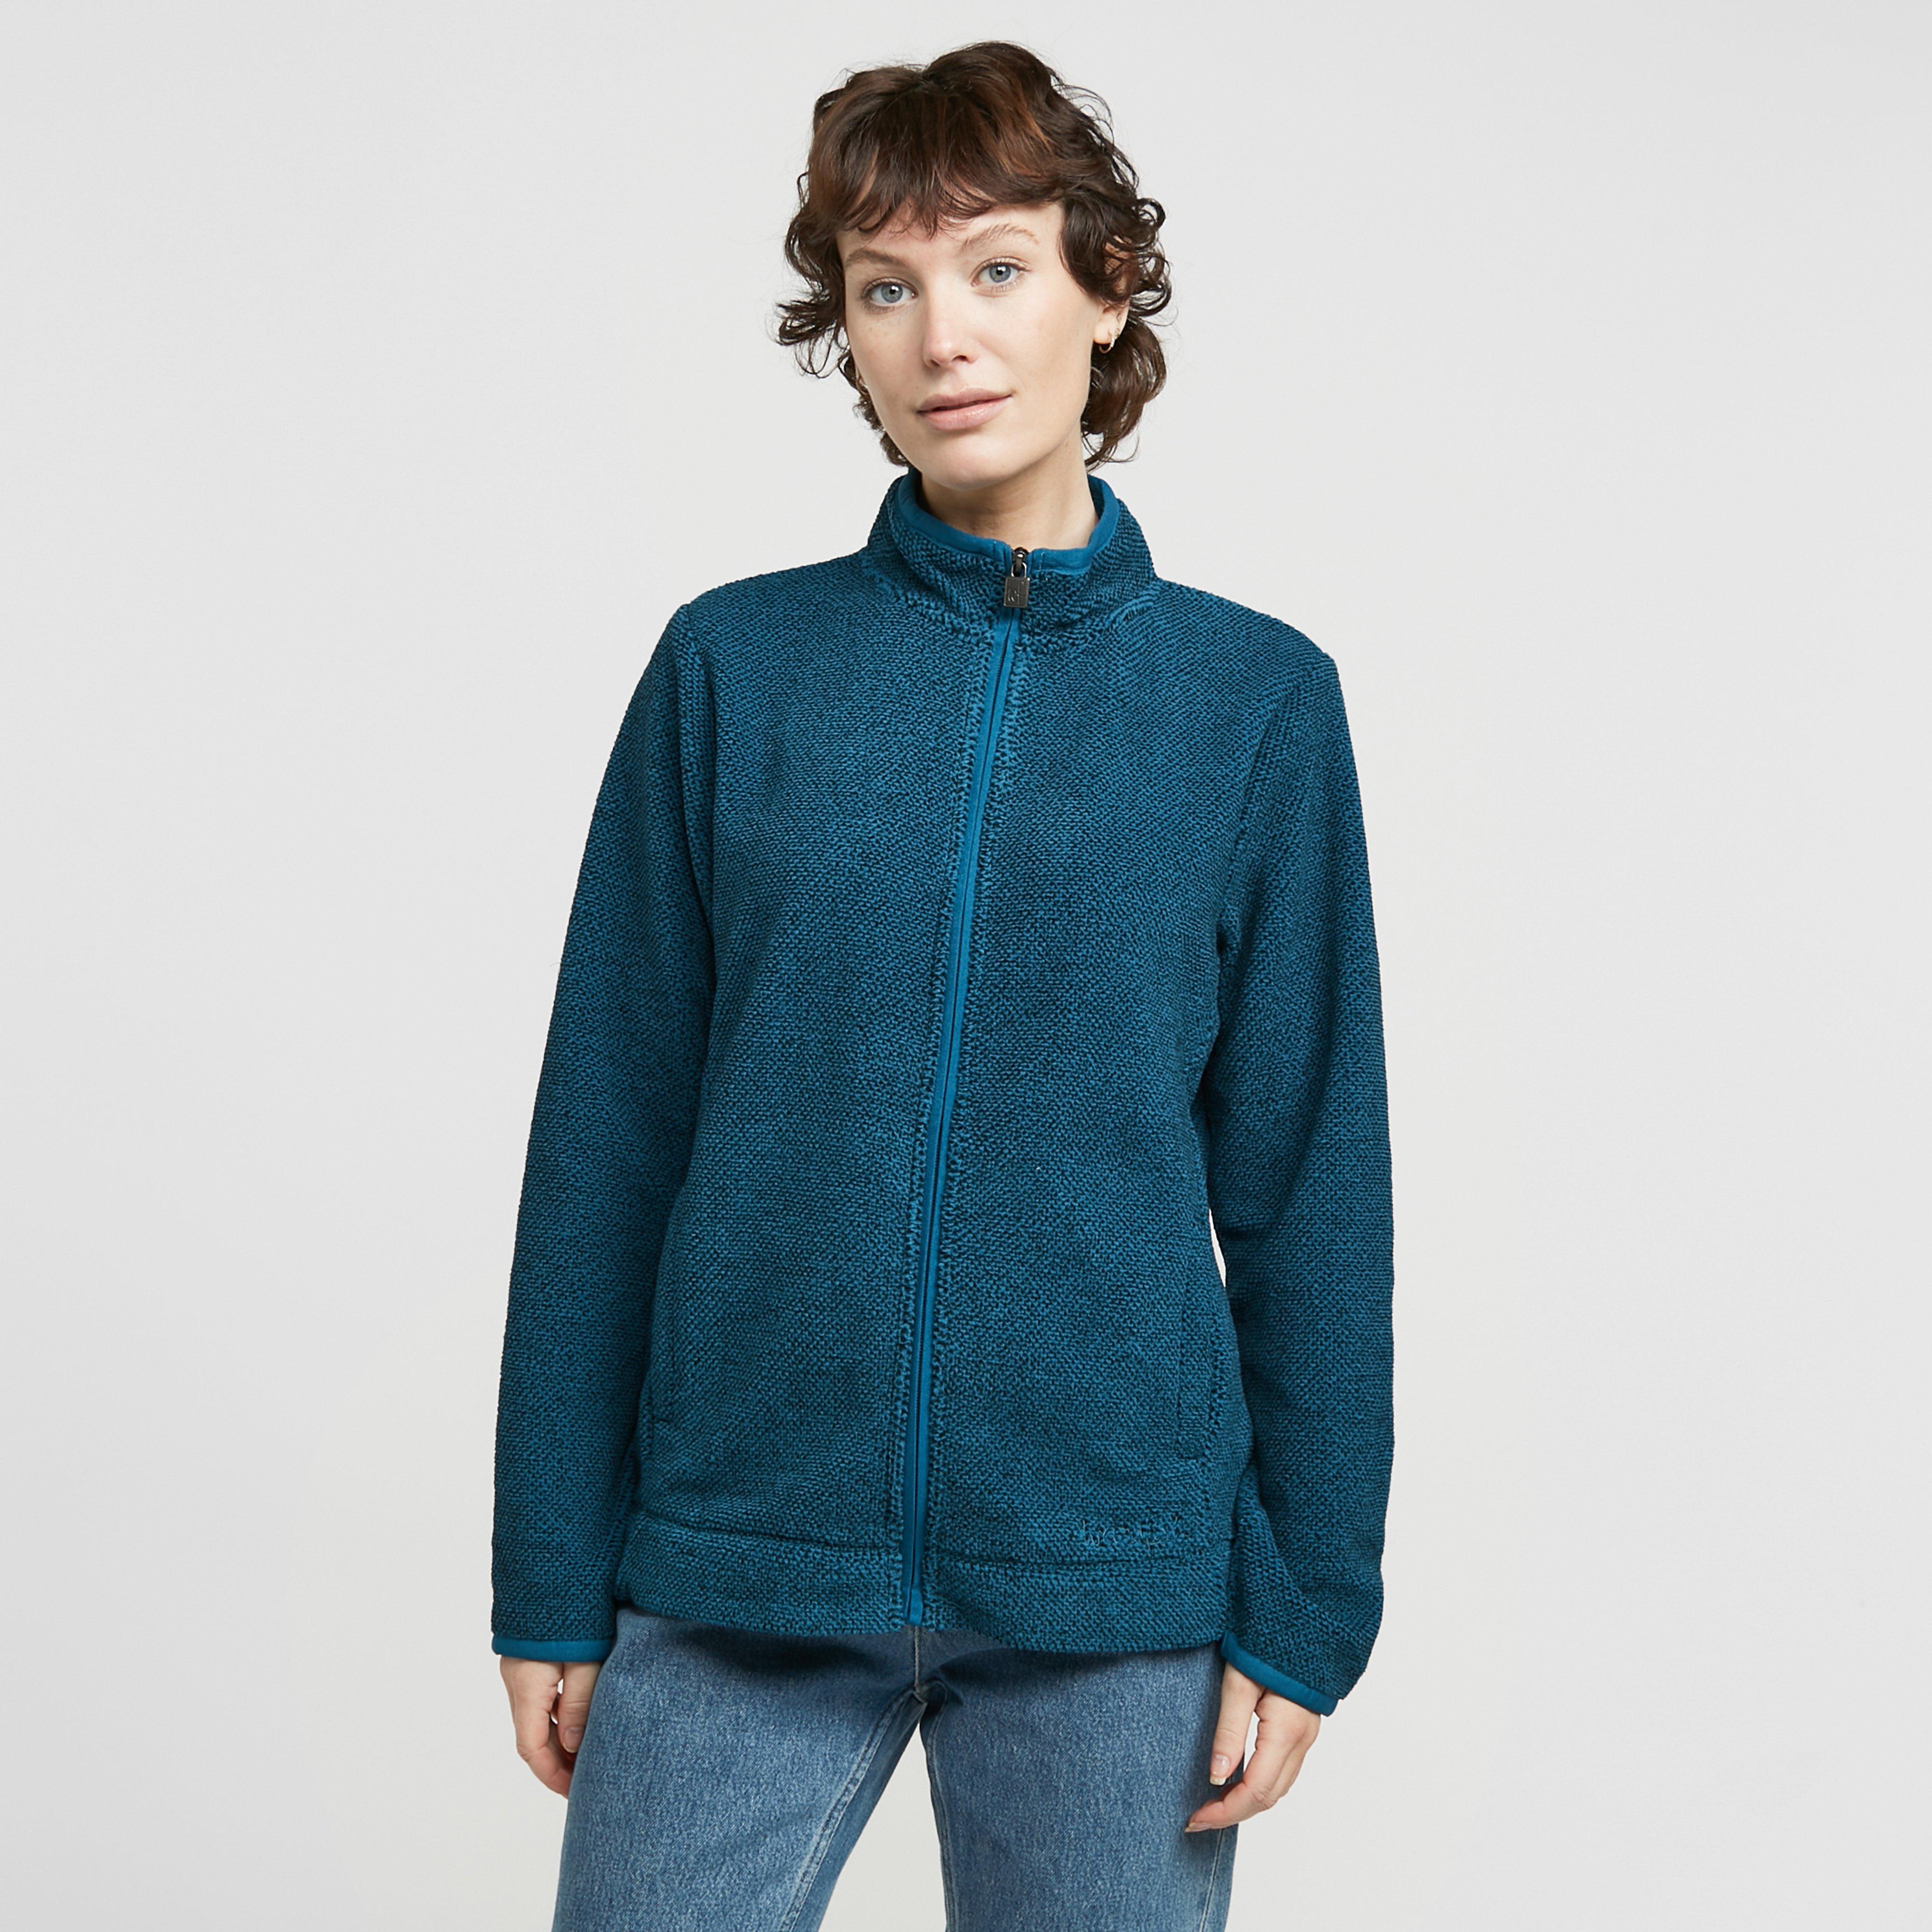 Image of Weird Fish Women's Aggie Full Zip Fleece - Blue/Blue, Blue/Blue